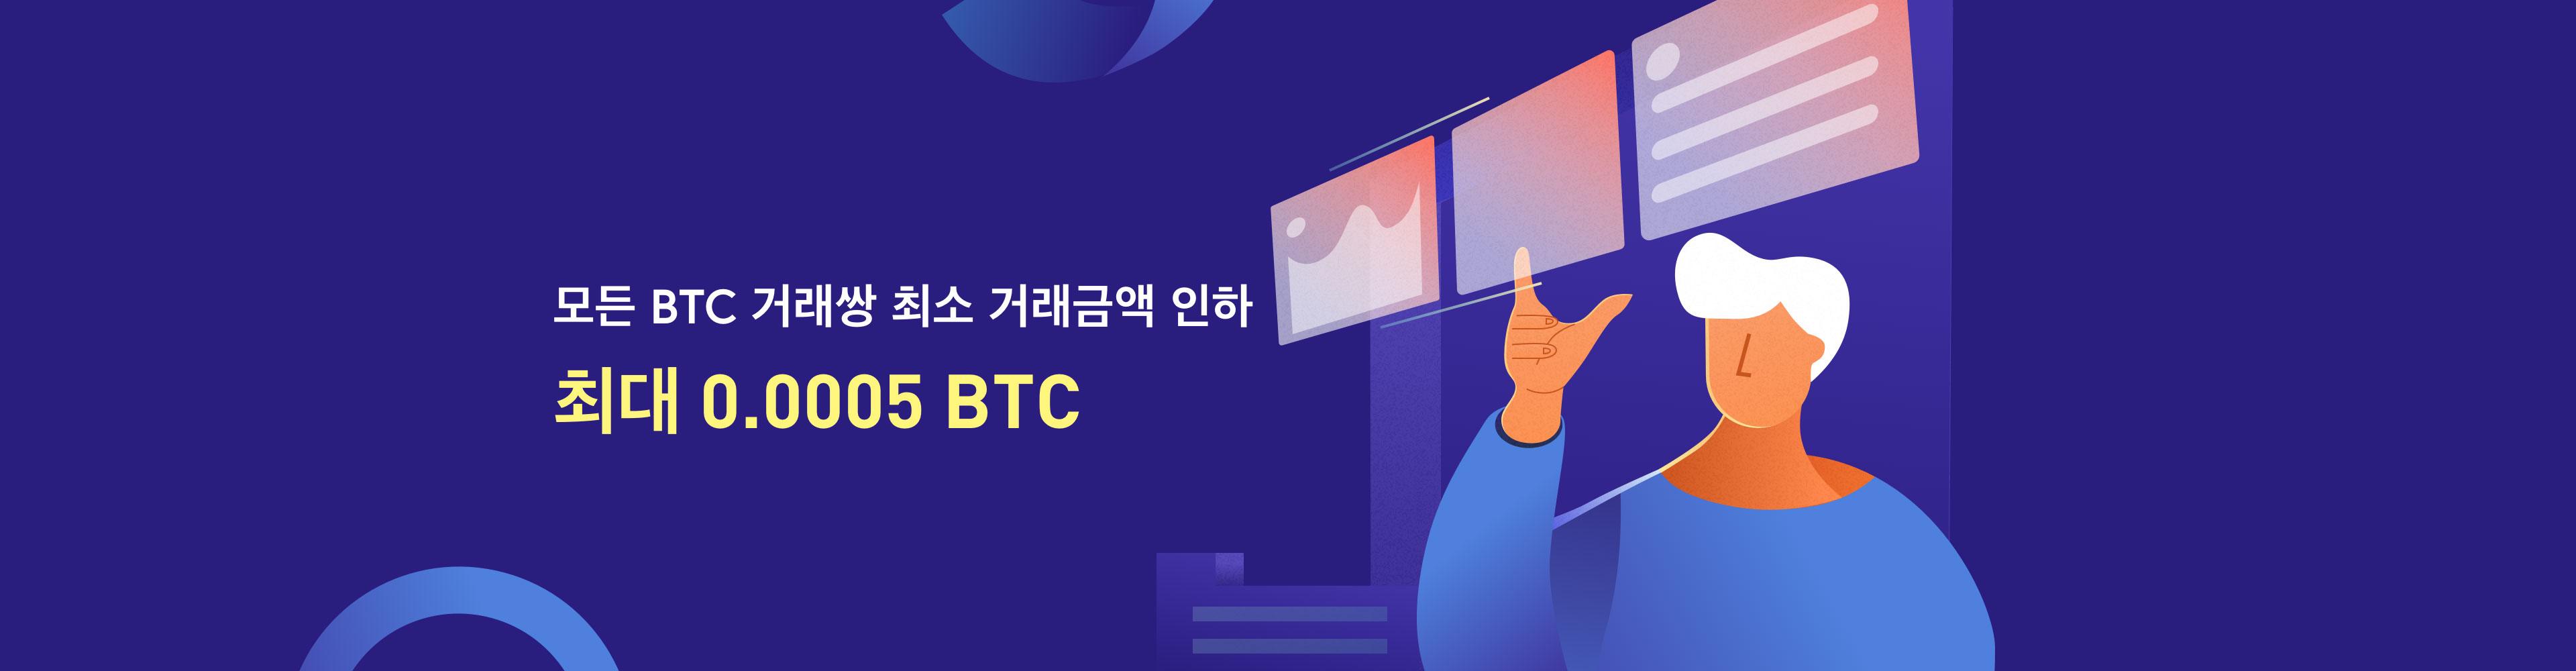 ABCC - Crypto Asset Exchange